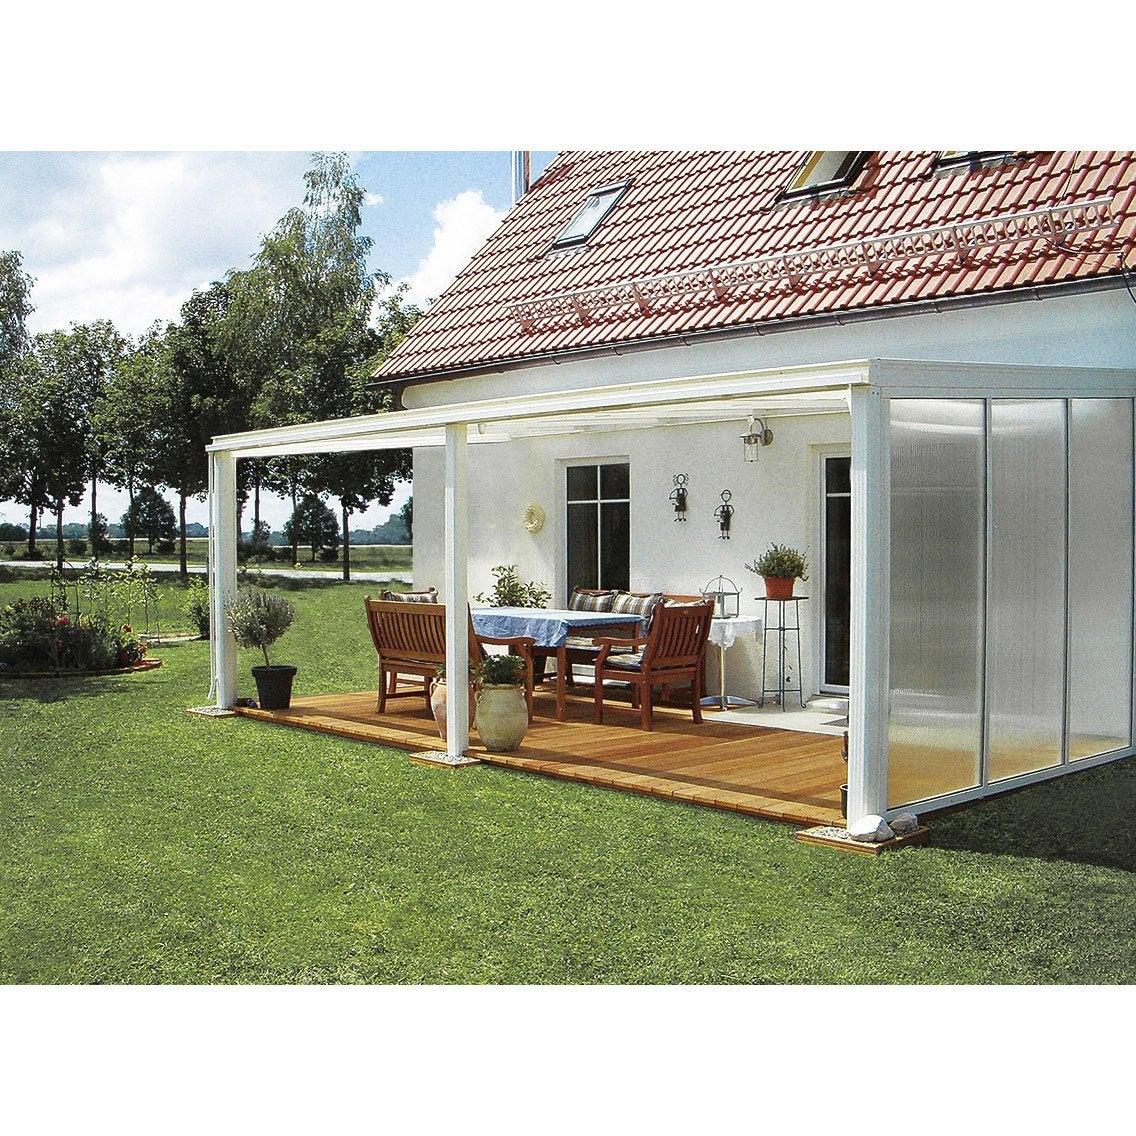 Paroi fixe avec fixations pour toit de terrasse tdpw tdtw ideanature leroy merlin - Tonnelle pour terras ...